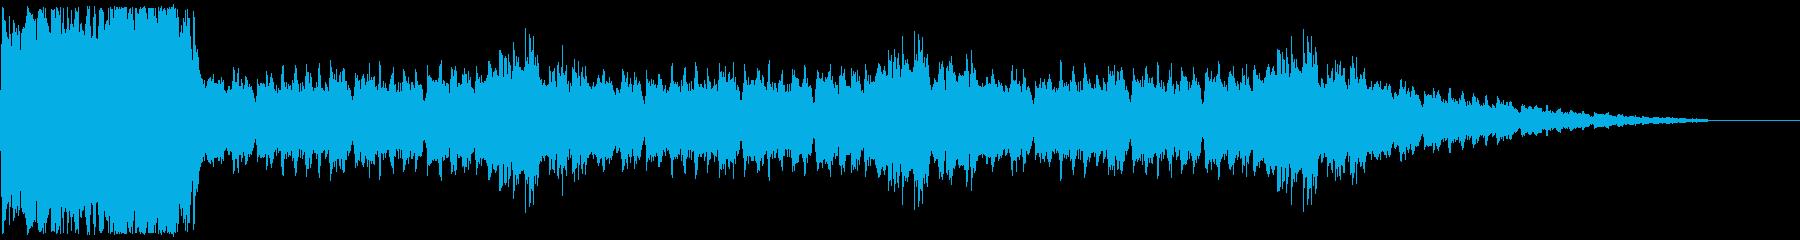 戦闘勝利時に流れるファンタジージングルの再生済みの波形